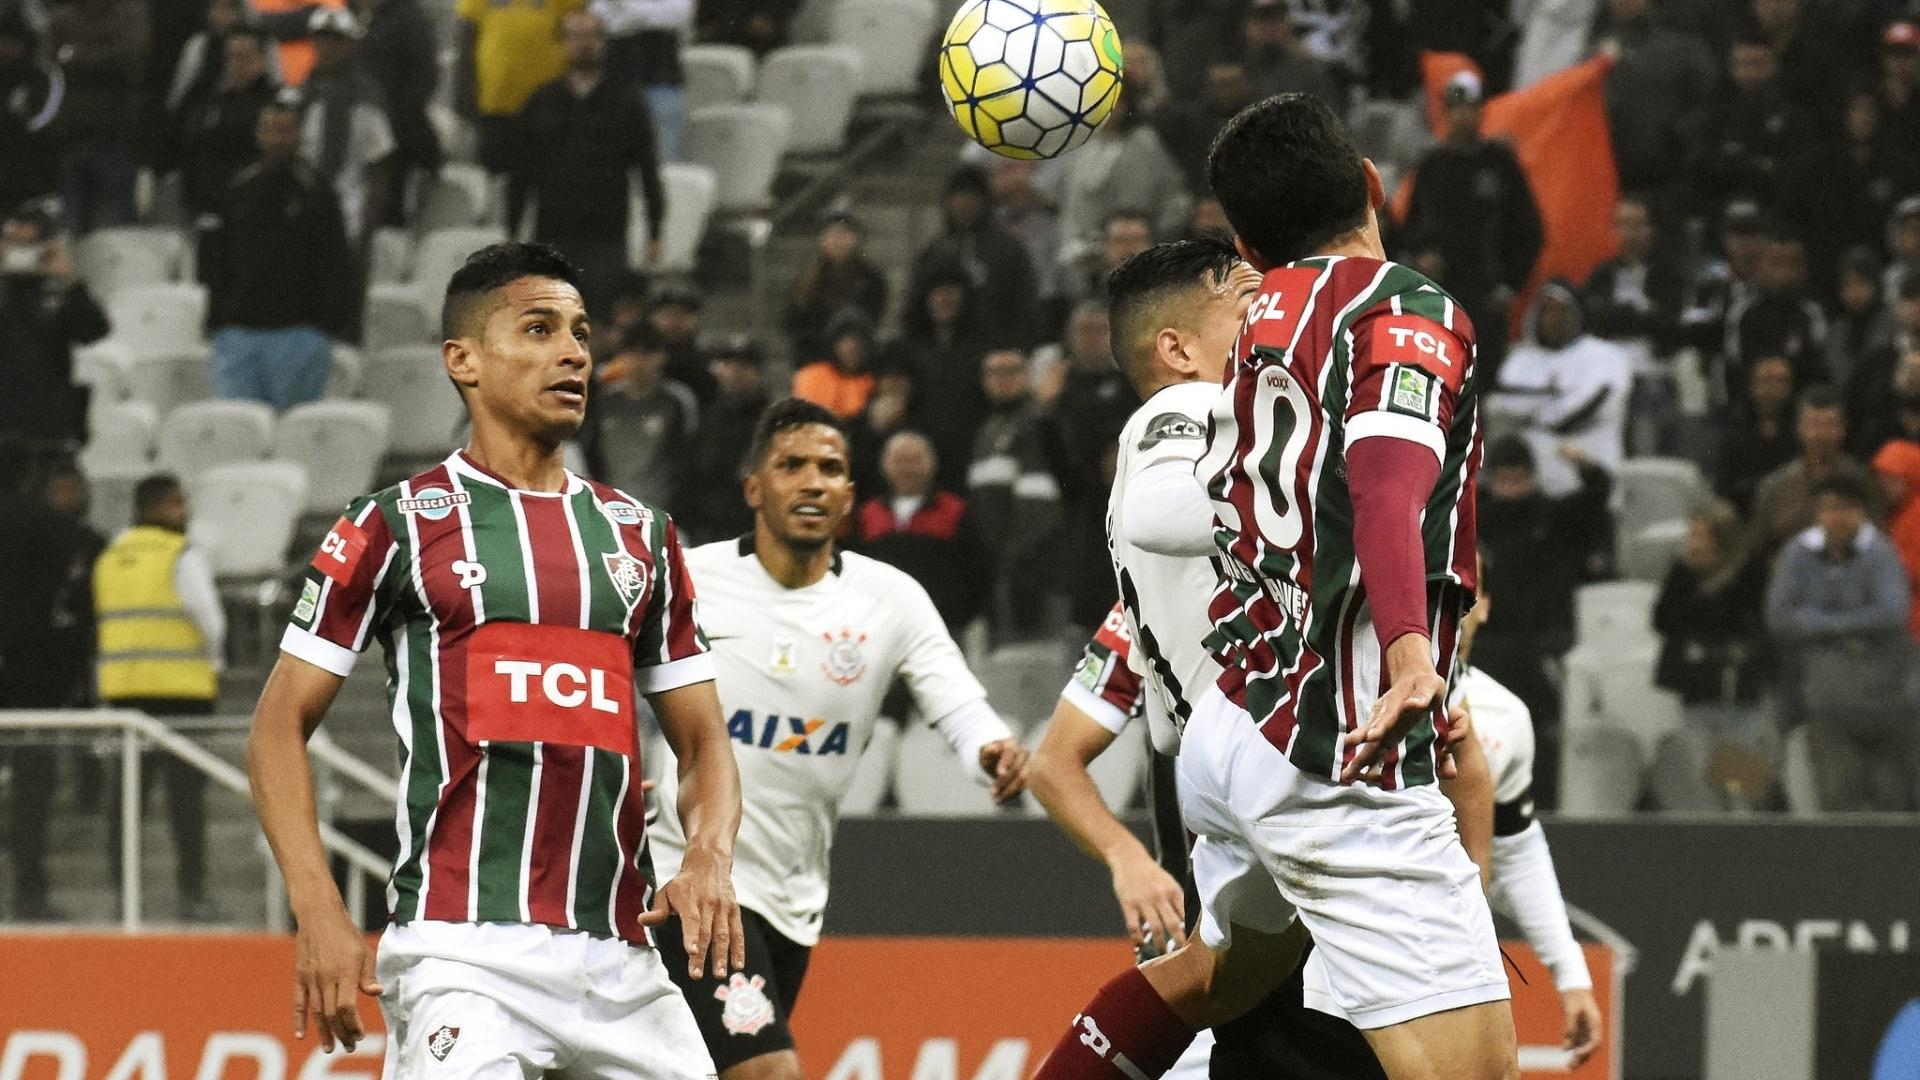 Cícero observa a bola durante jogo entre Fluminense e Corinthians